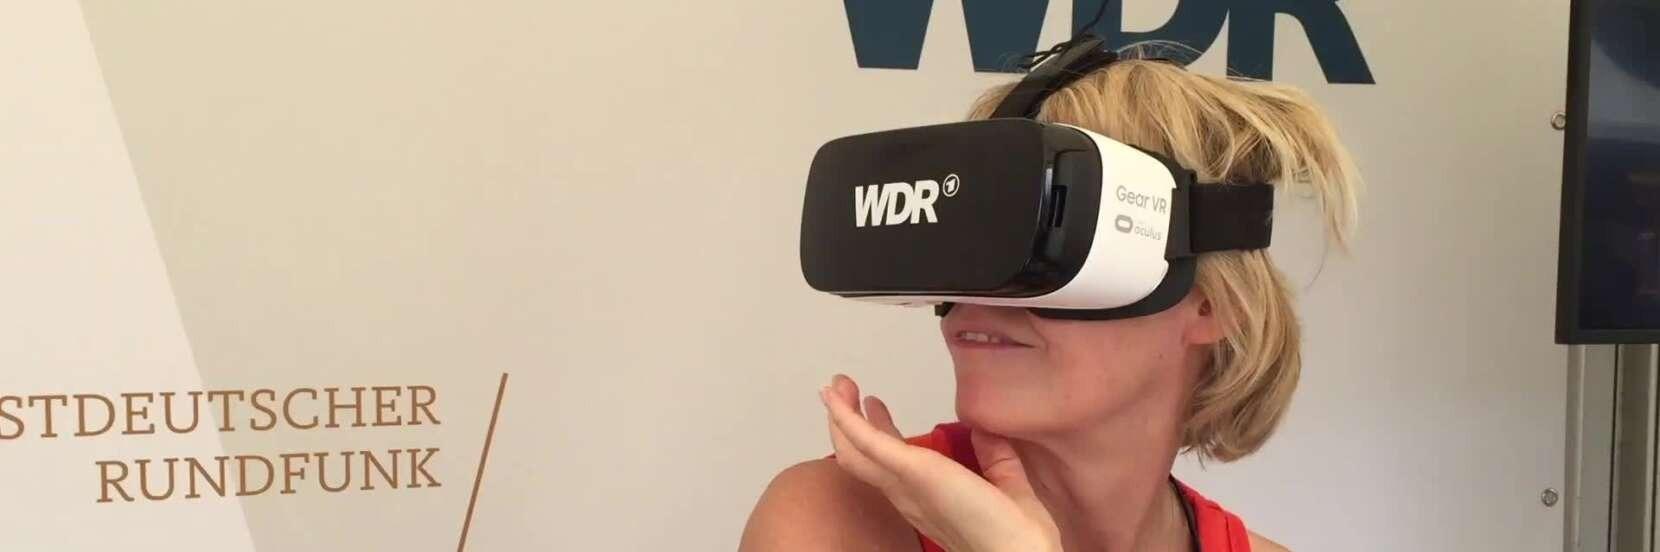 WDR-Ein-Tag-Live-Banner-1660x552.jpg